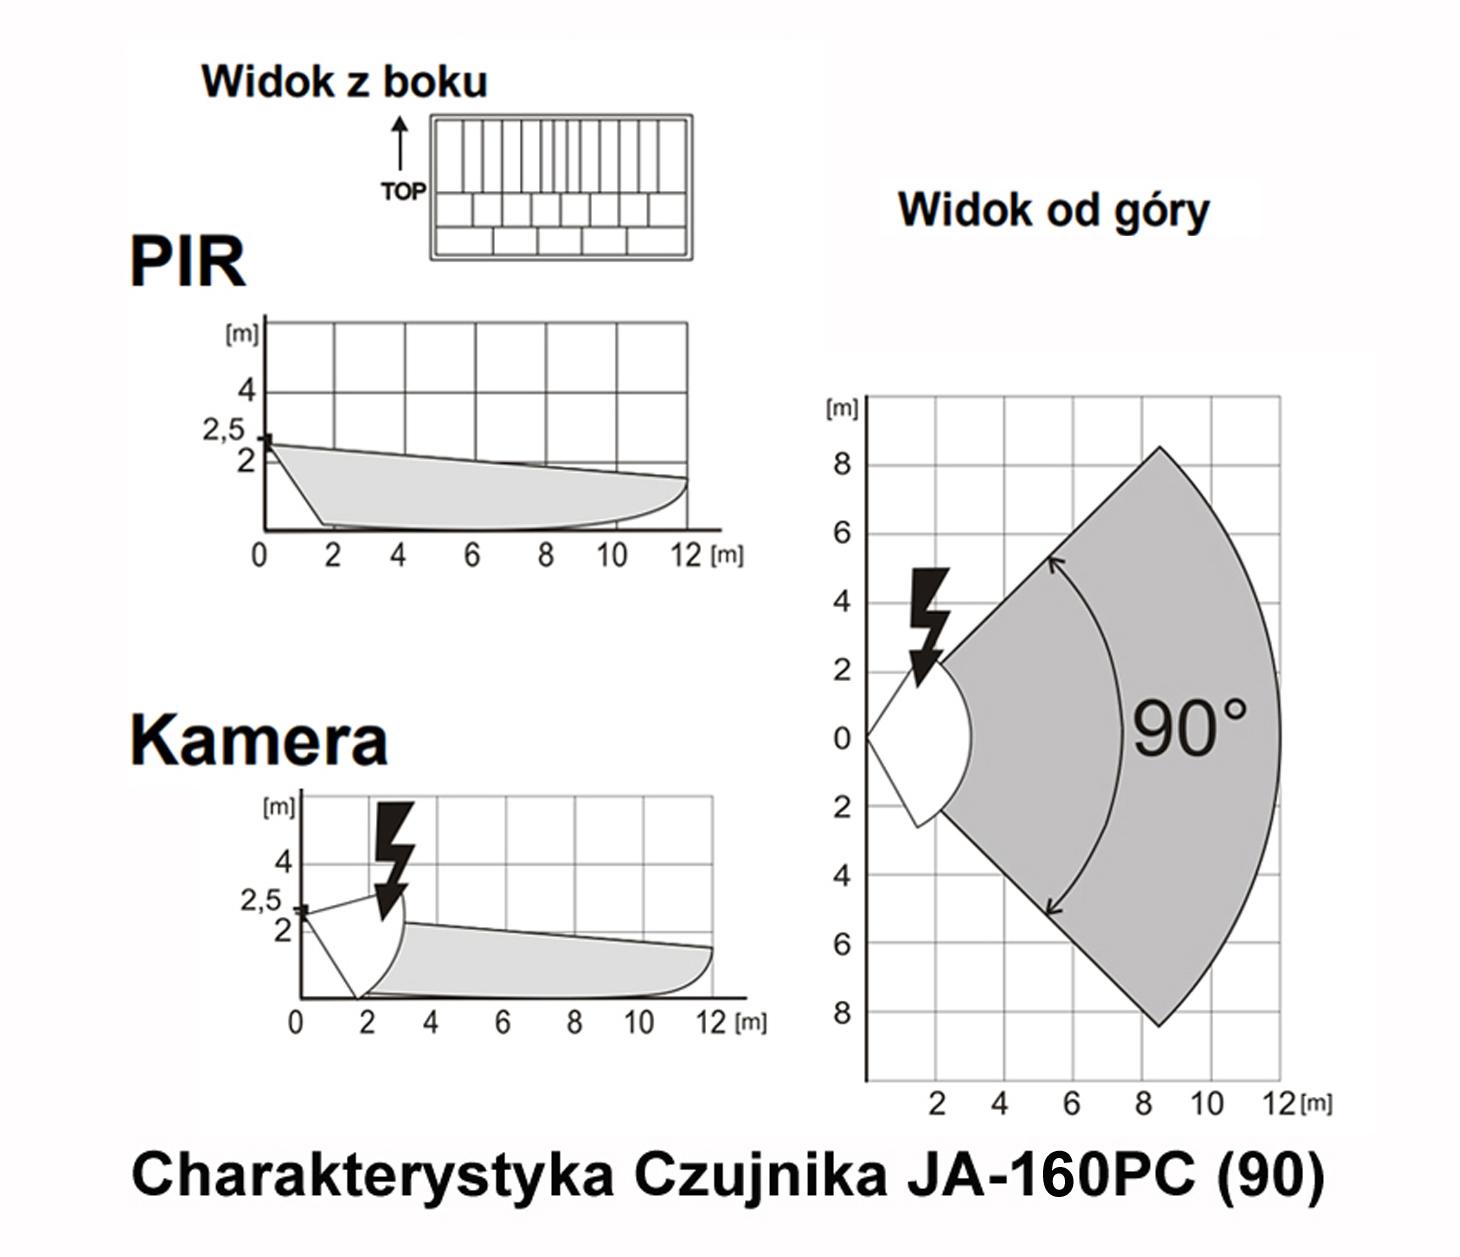 JA-160PC (90) - Bezprzewodowy czujnik PIR z aparatem charakterystyka detekcji.